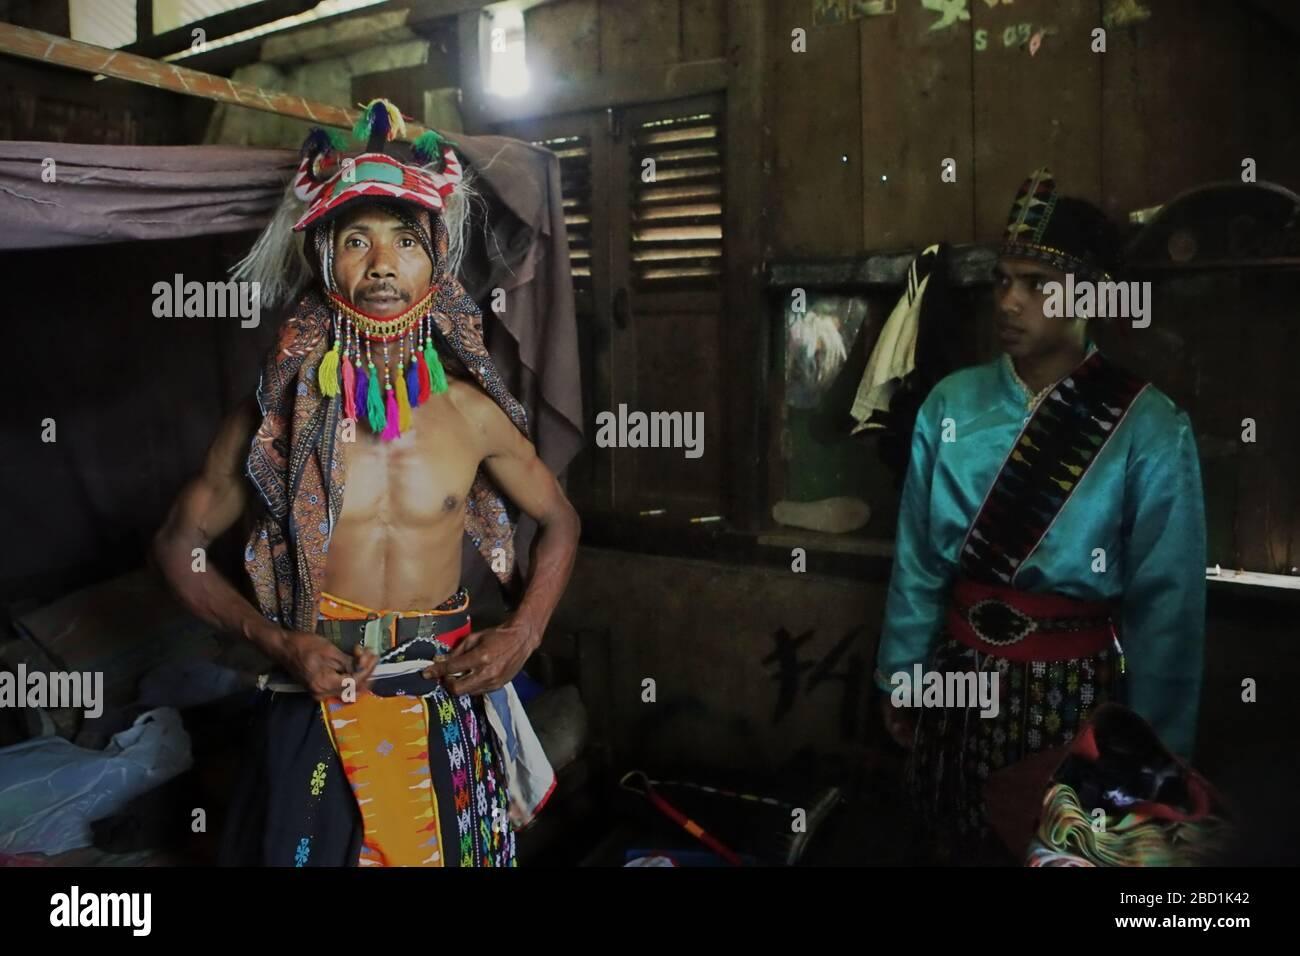 Un artista de caci (artes escénicas tradicionales de lucha contra el látigo de Indonesia), se prepara para un espectáculo. Foto: Reynold Sumayku Foto de stock